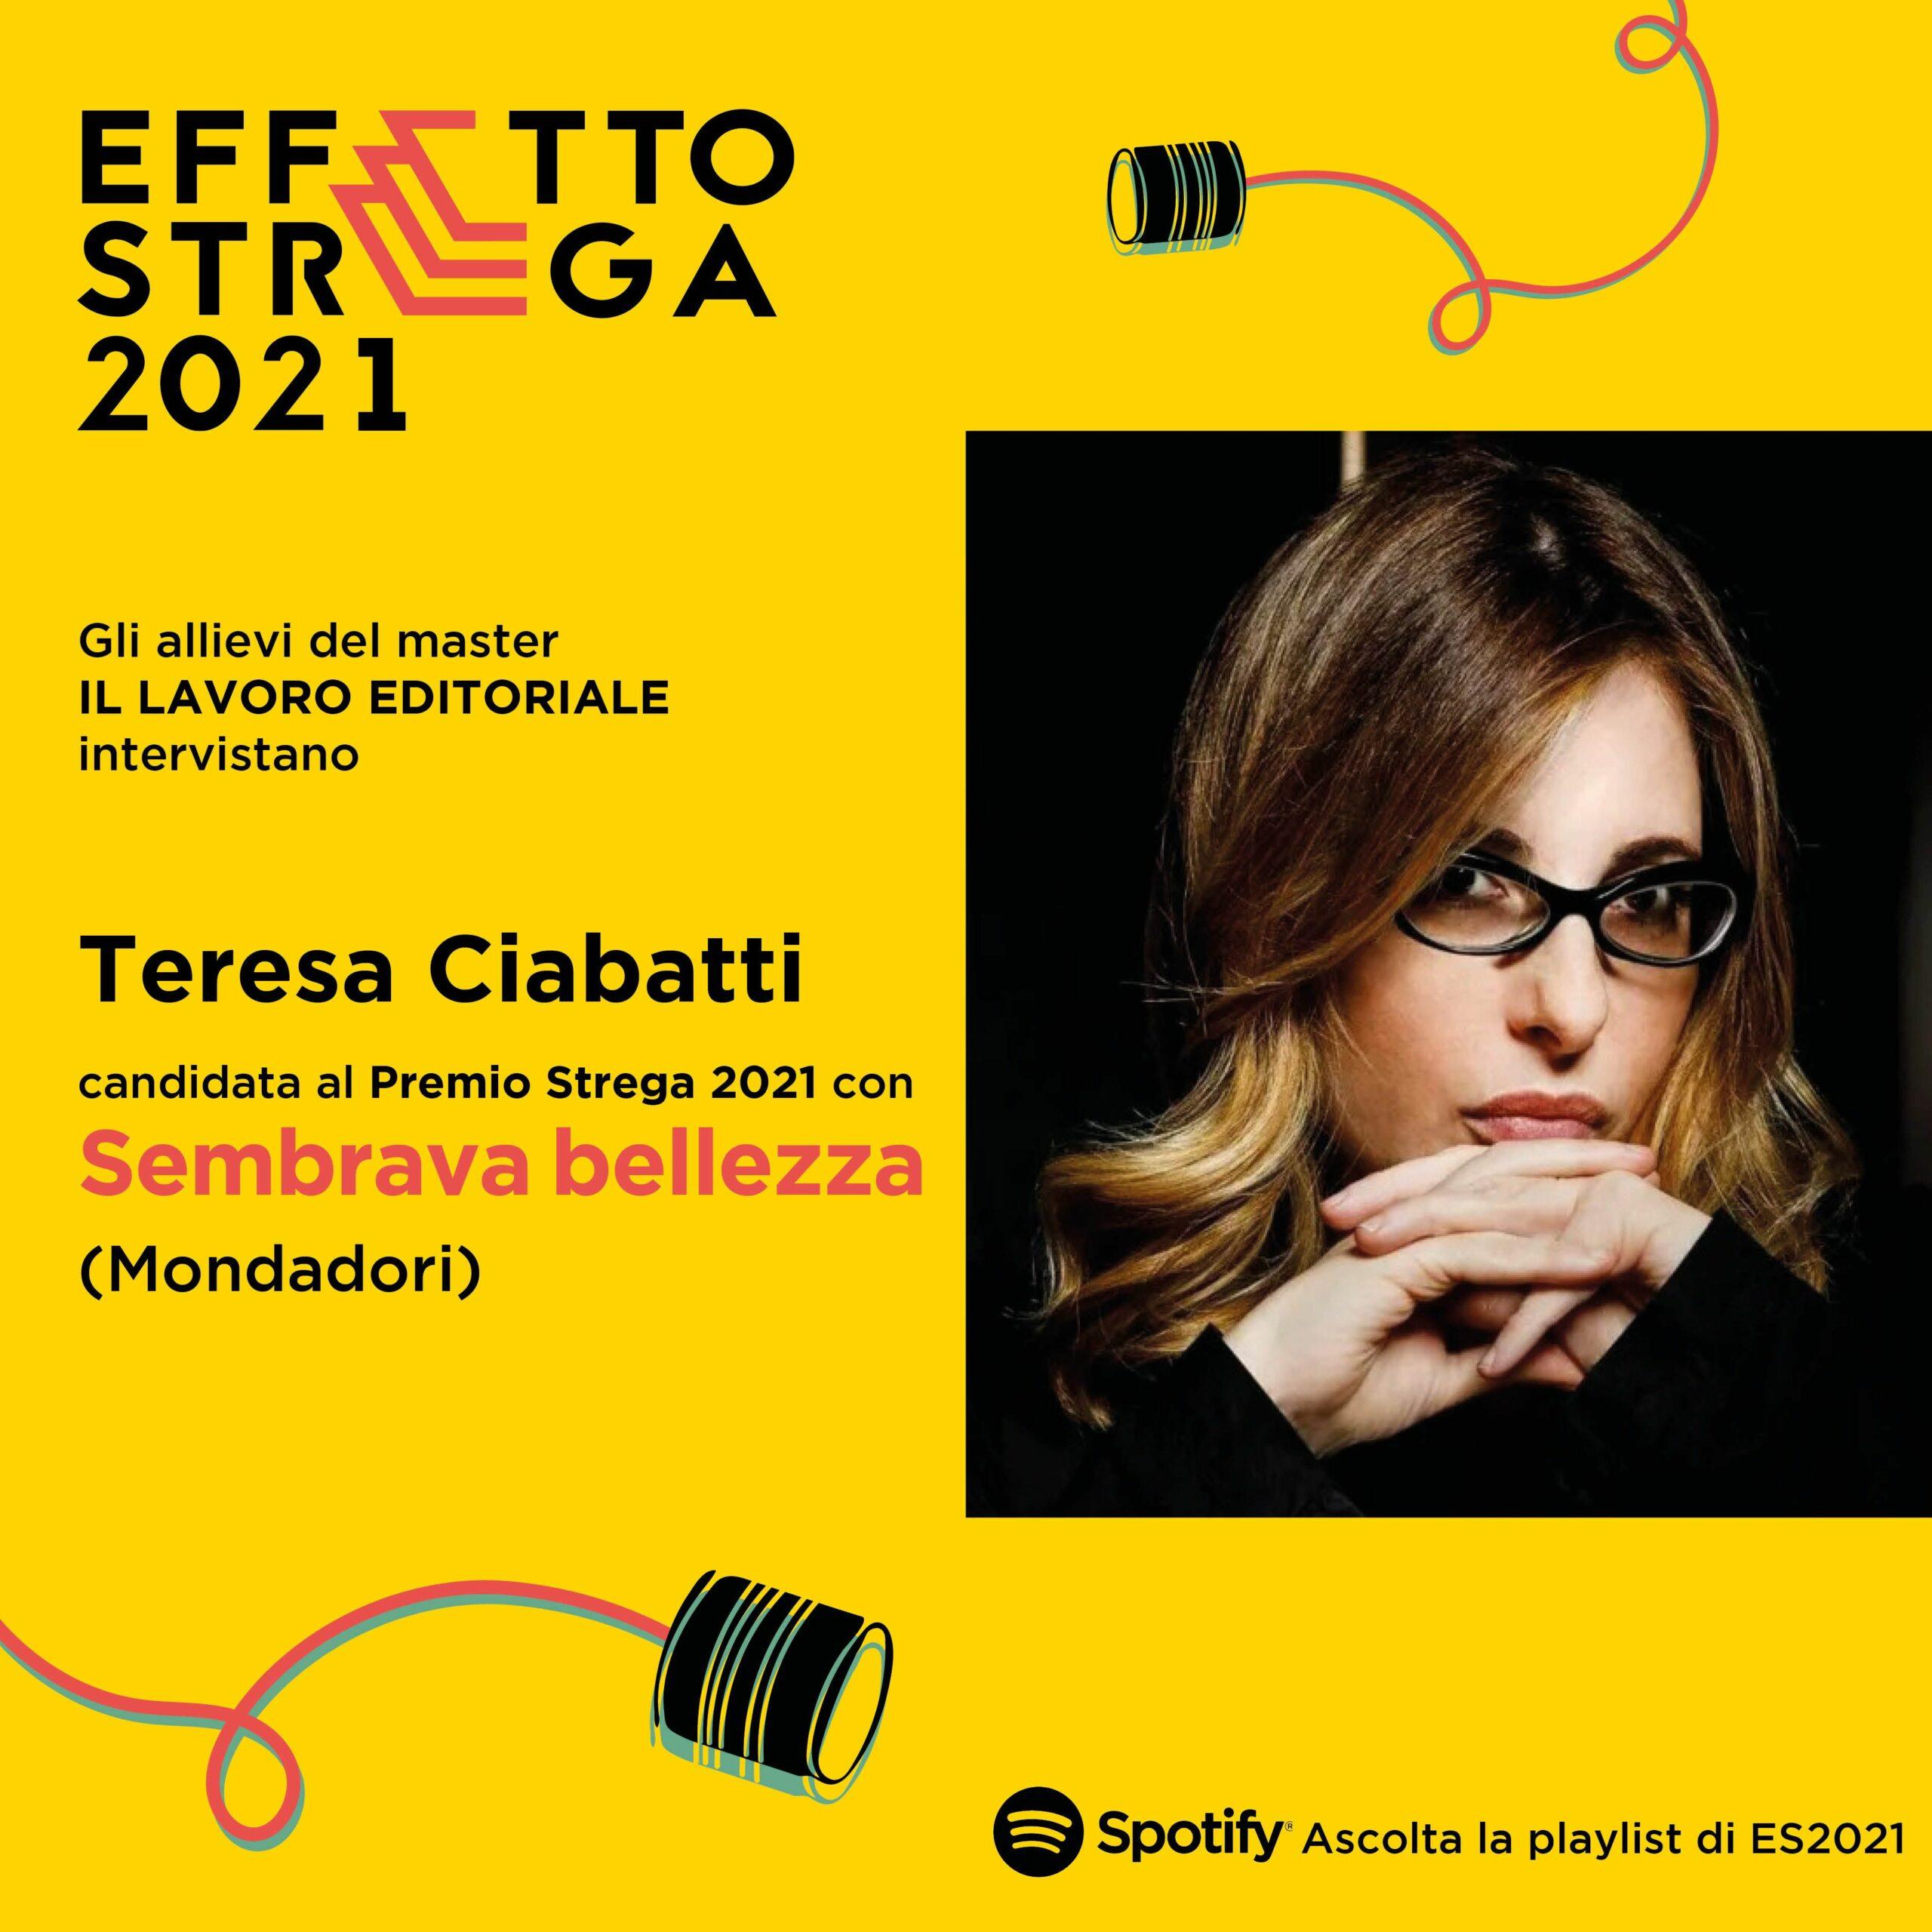 EFFETTO STREGA – Intervista a Teresa Ciabatti